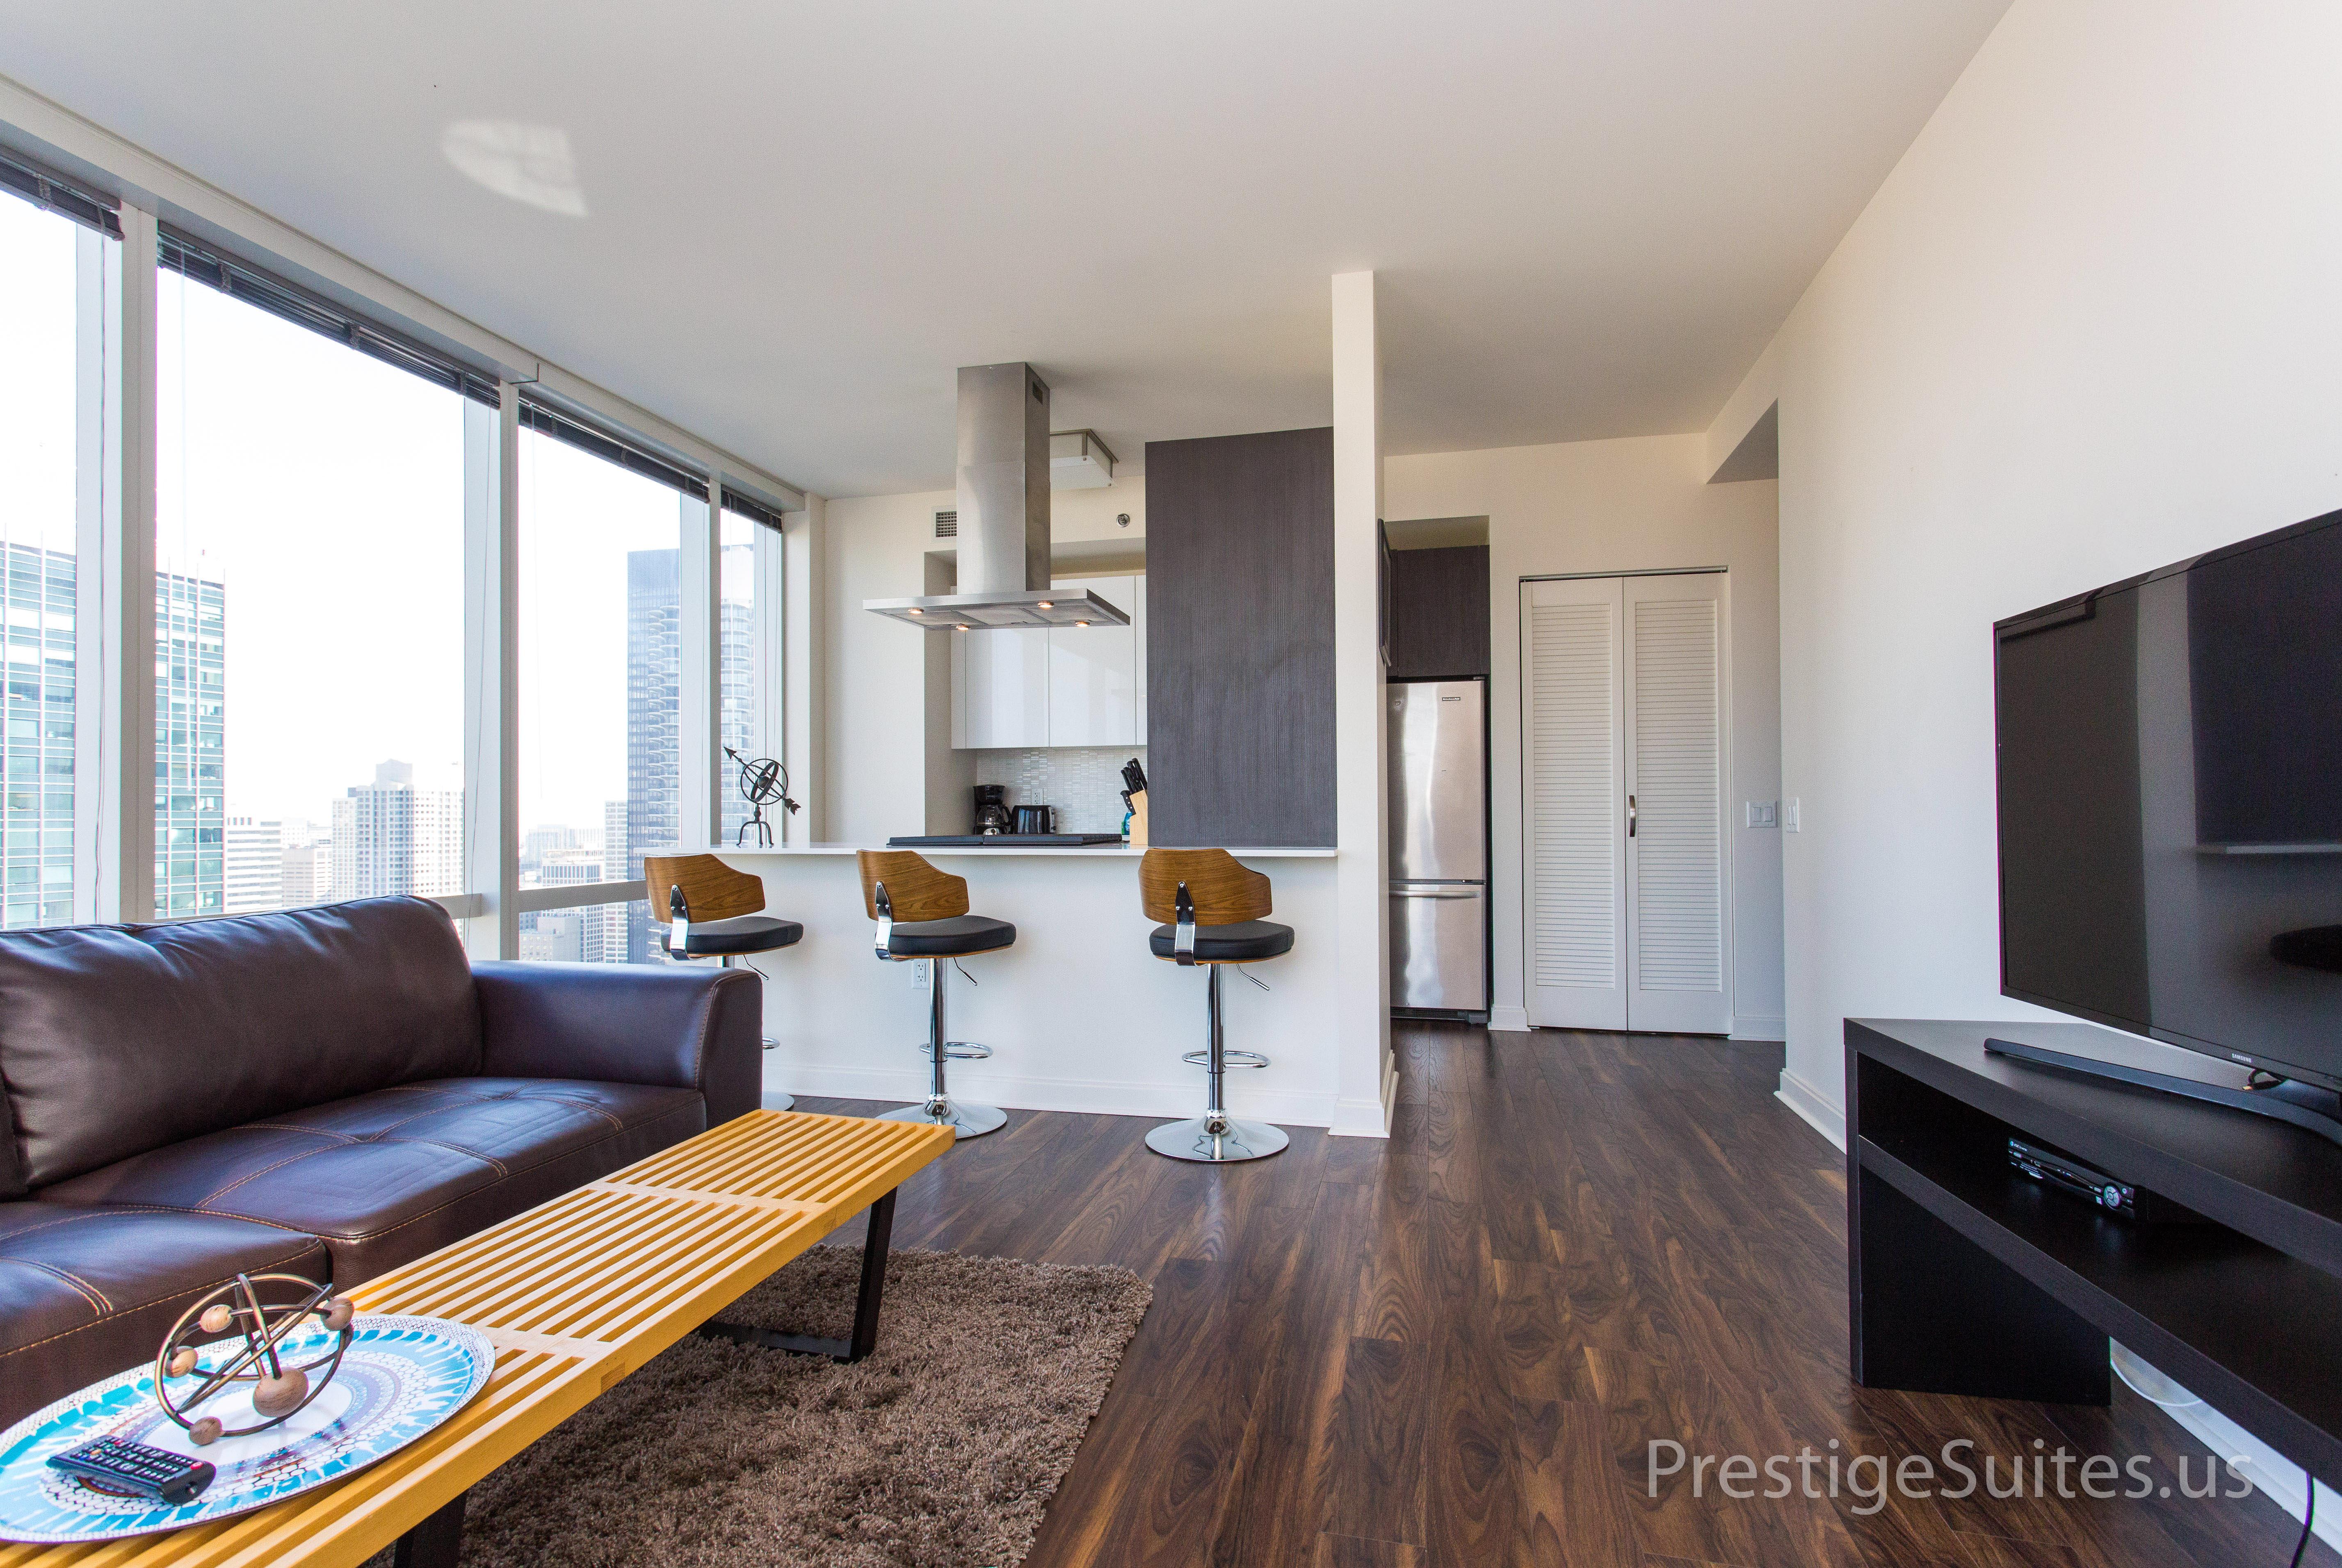 Prestige Suites 111 W Wacker 3904_033